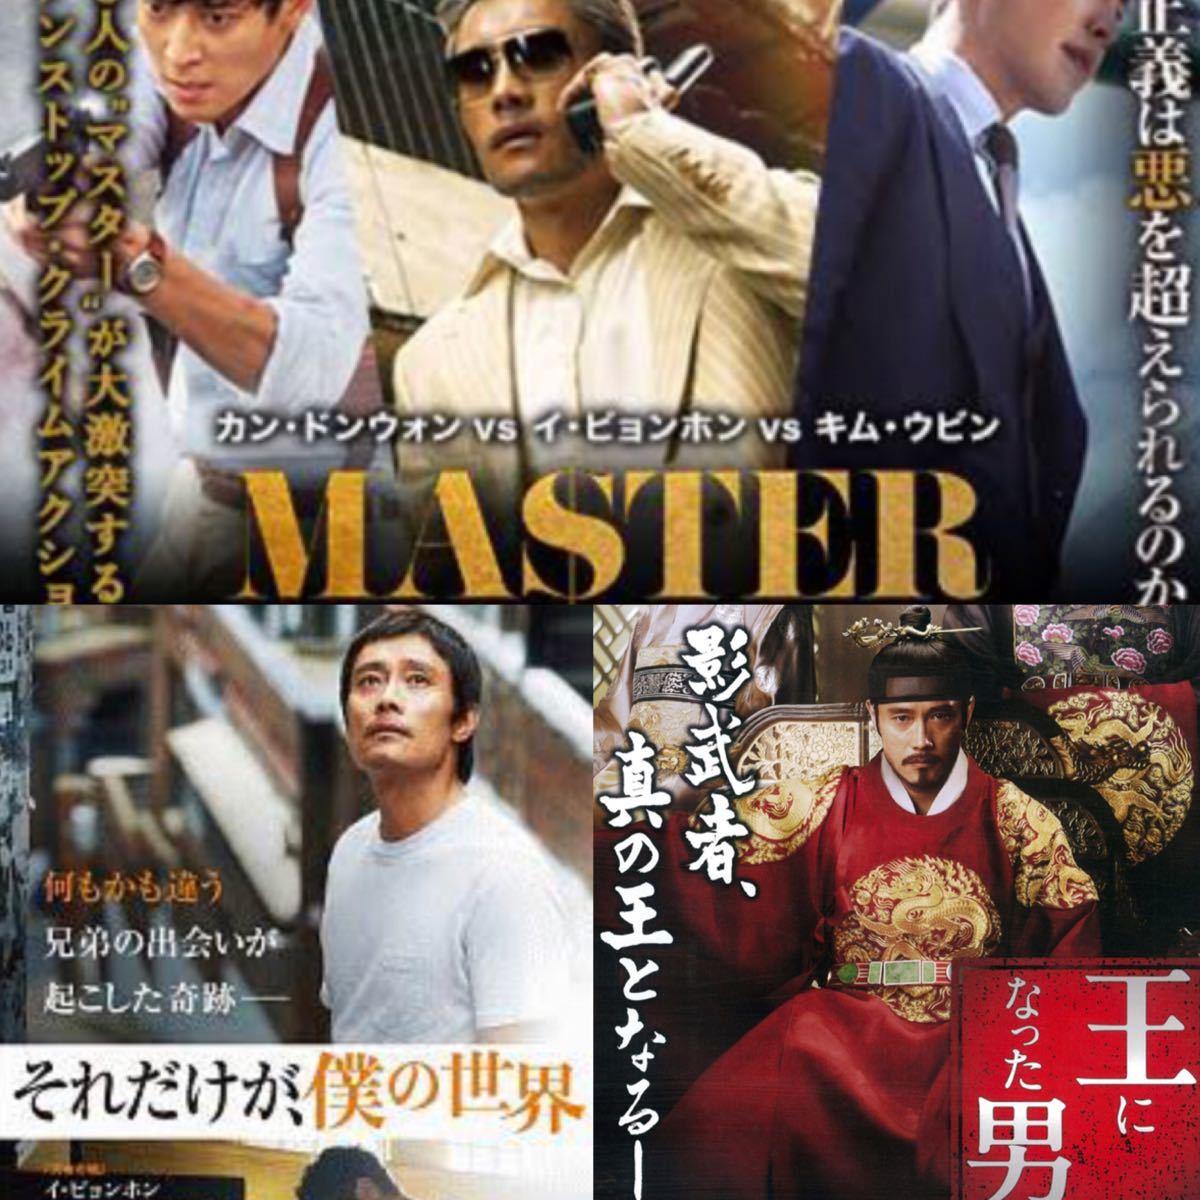 韓国映画  イ・ビョンホン  出演映画  DVD  3点セット  日本語吹替有り  レーベル有り